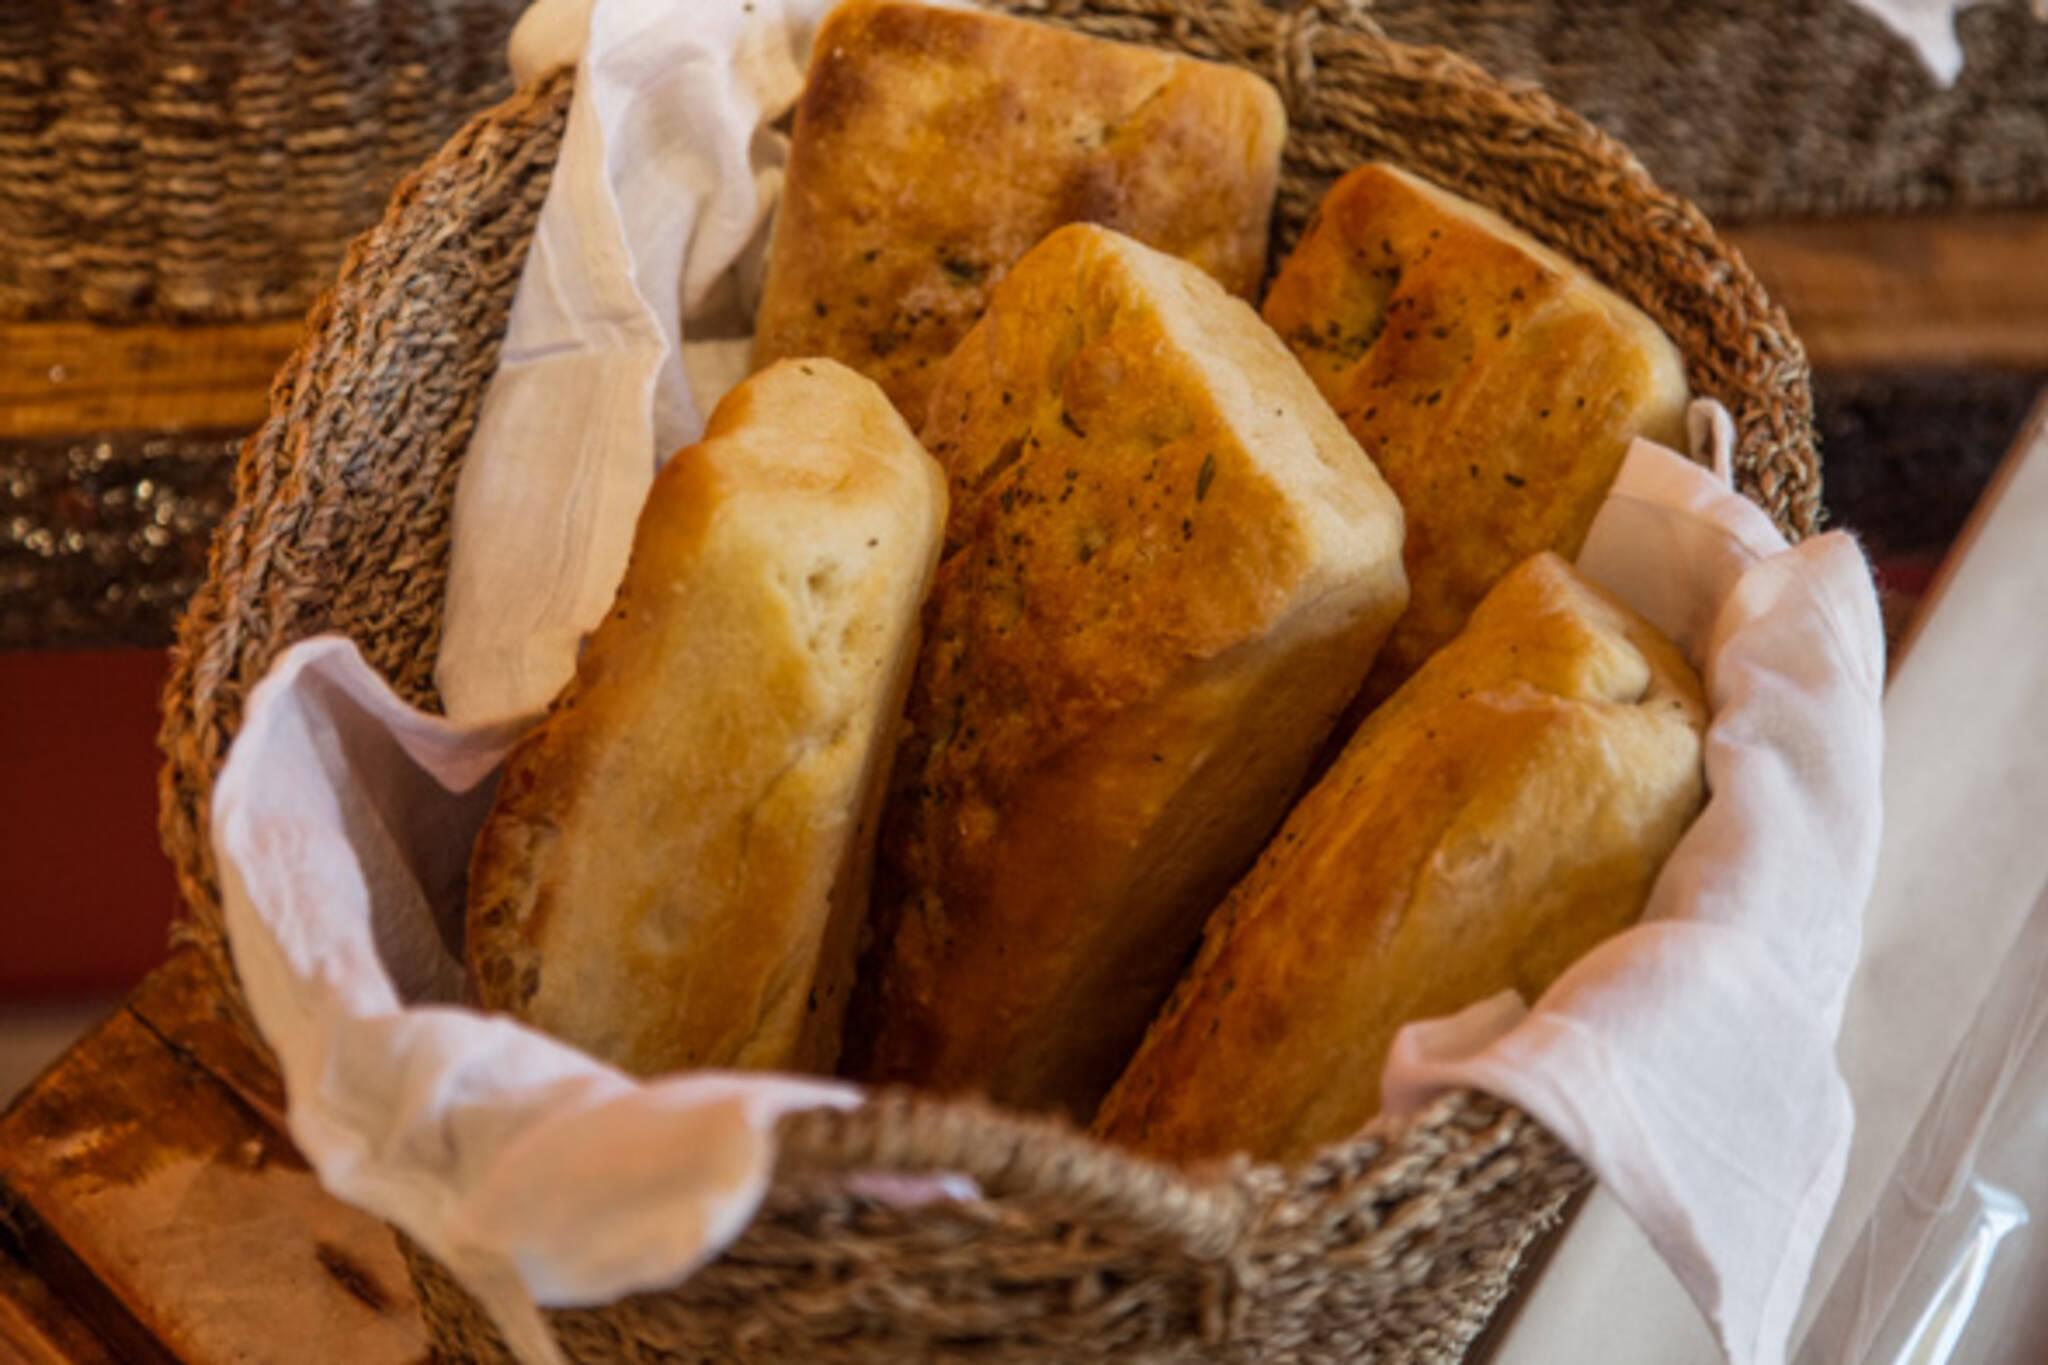 picnic at home toronto